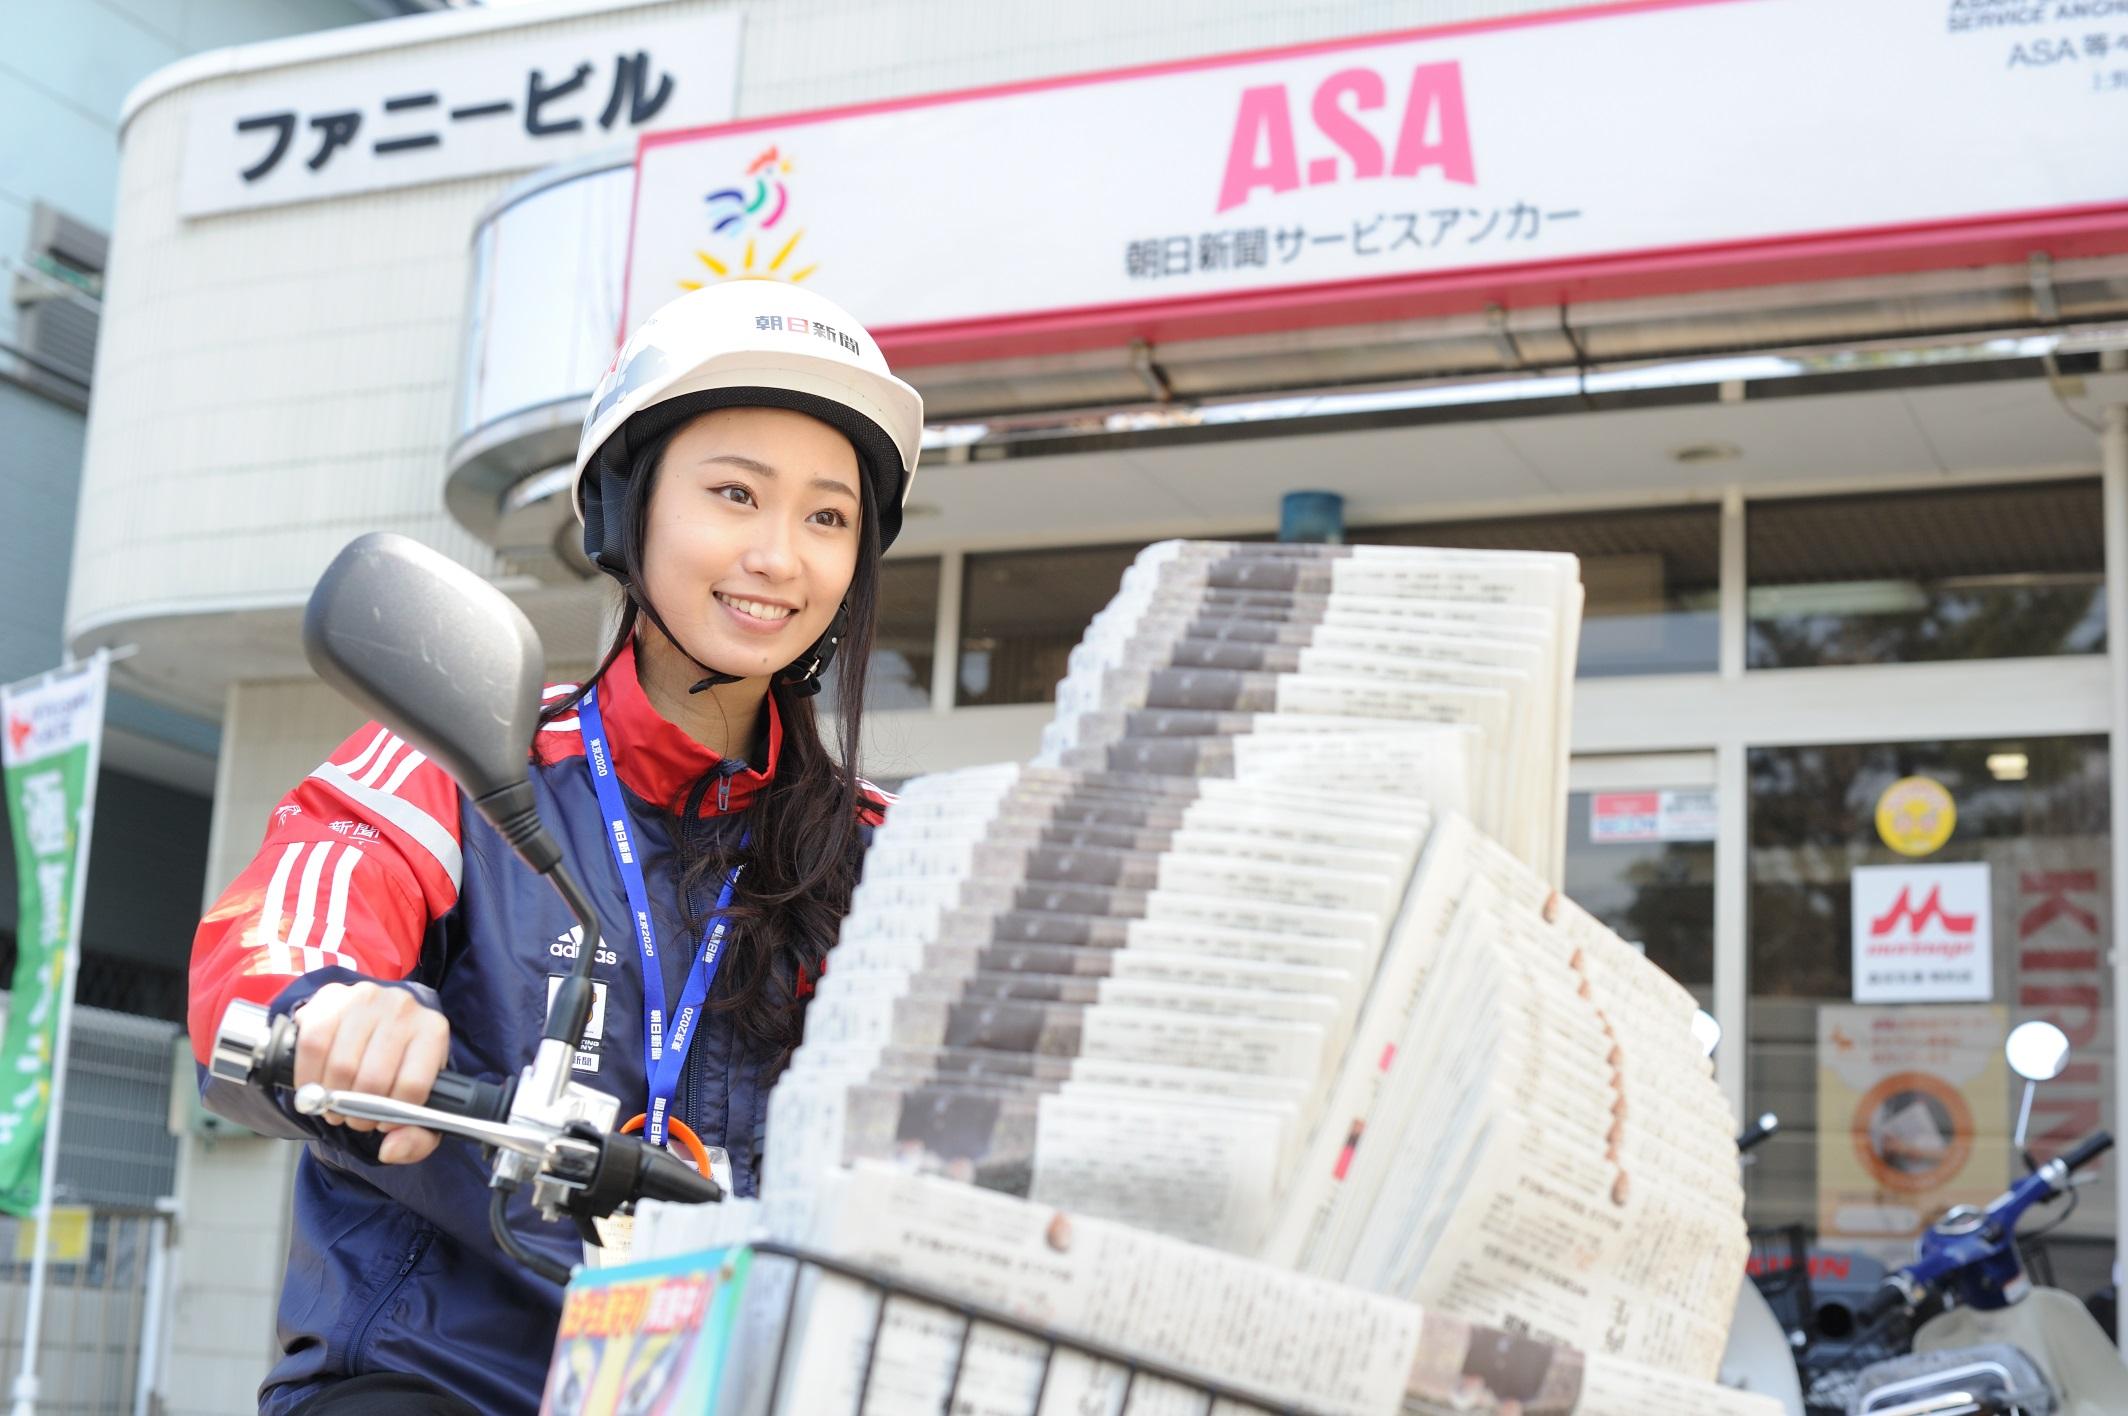 Học bổng báo Asahi có nhiều chế độ ưu đãi cho du học sinh.